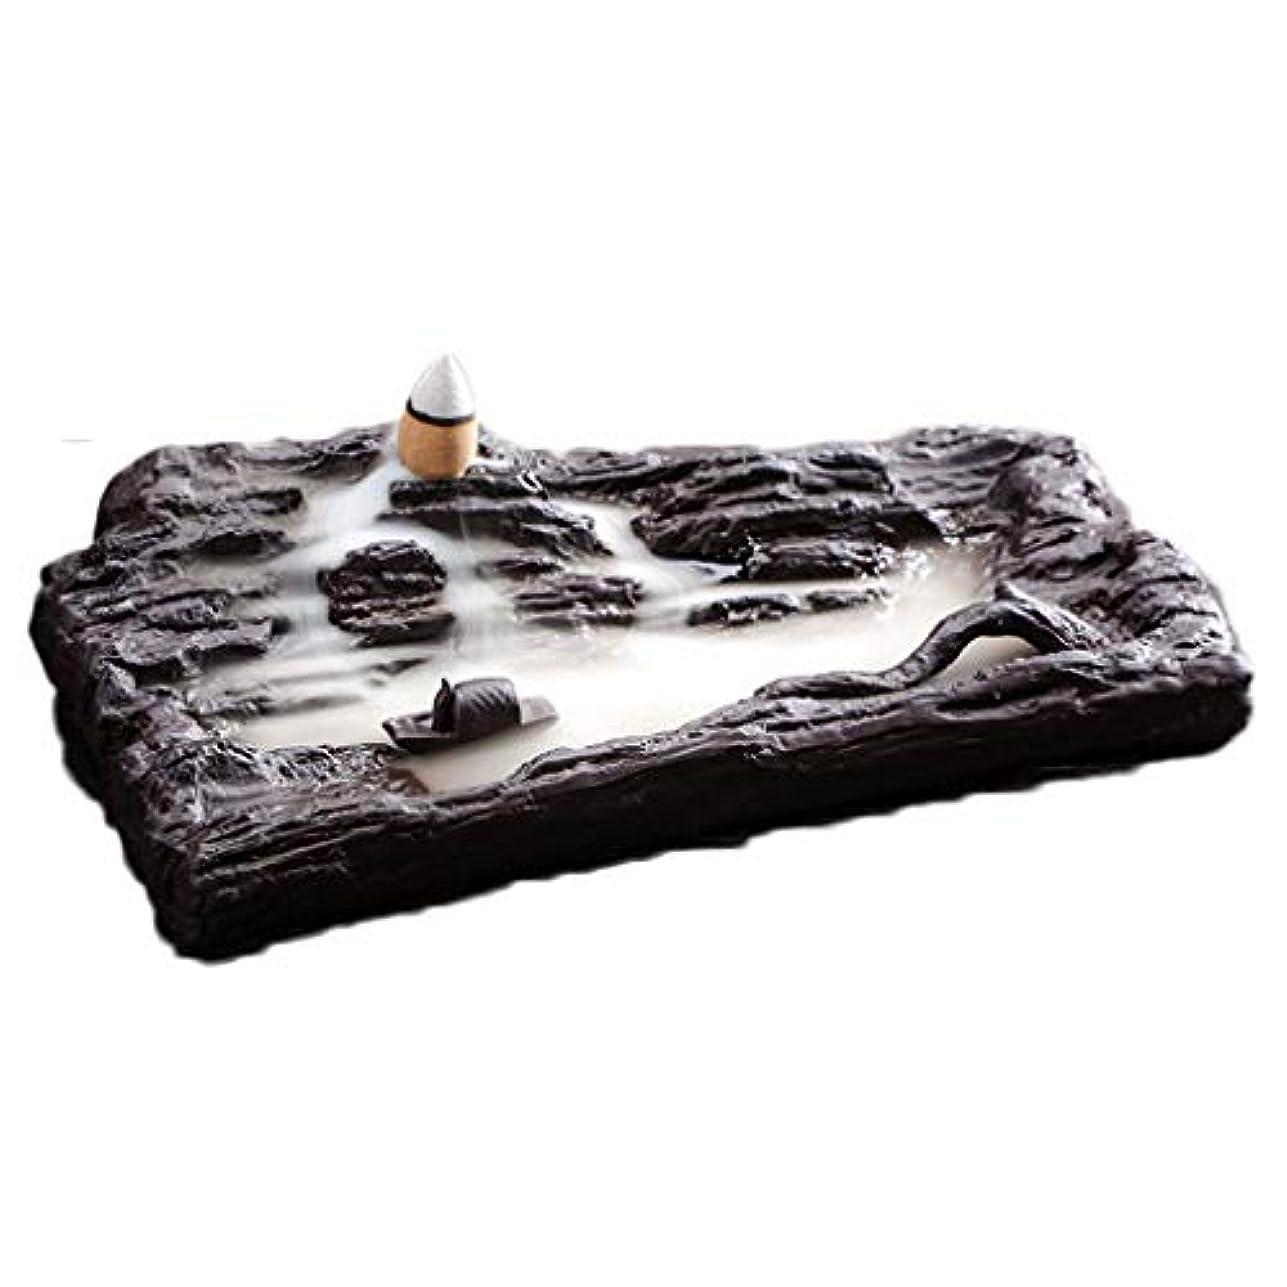 ケージつづりビジター芳香器?アロマバーナー レトロな懐かしい香炉紫砂香バーナー屋内茶道香バーナーアロマセラピー炉 アロマバーナー (Color : Purple sand)